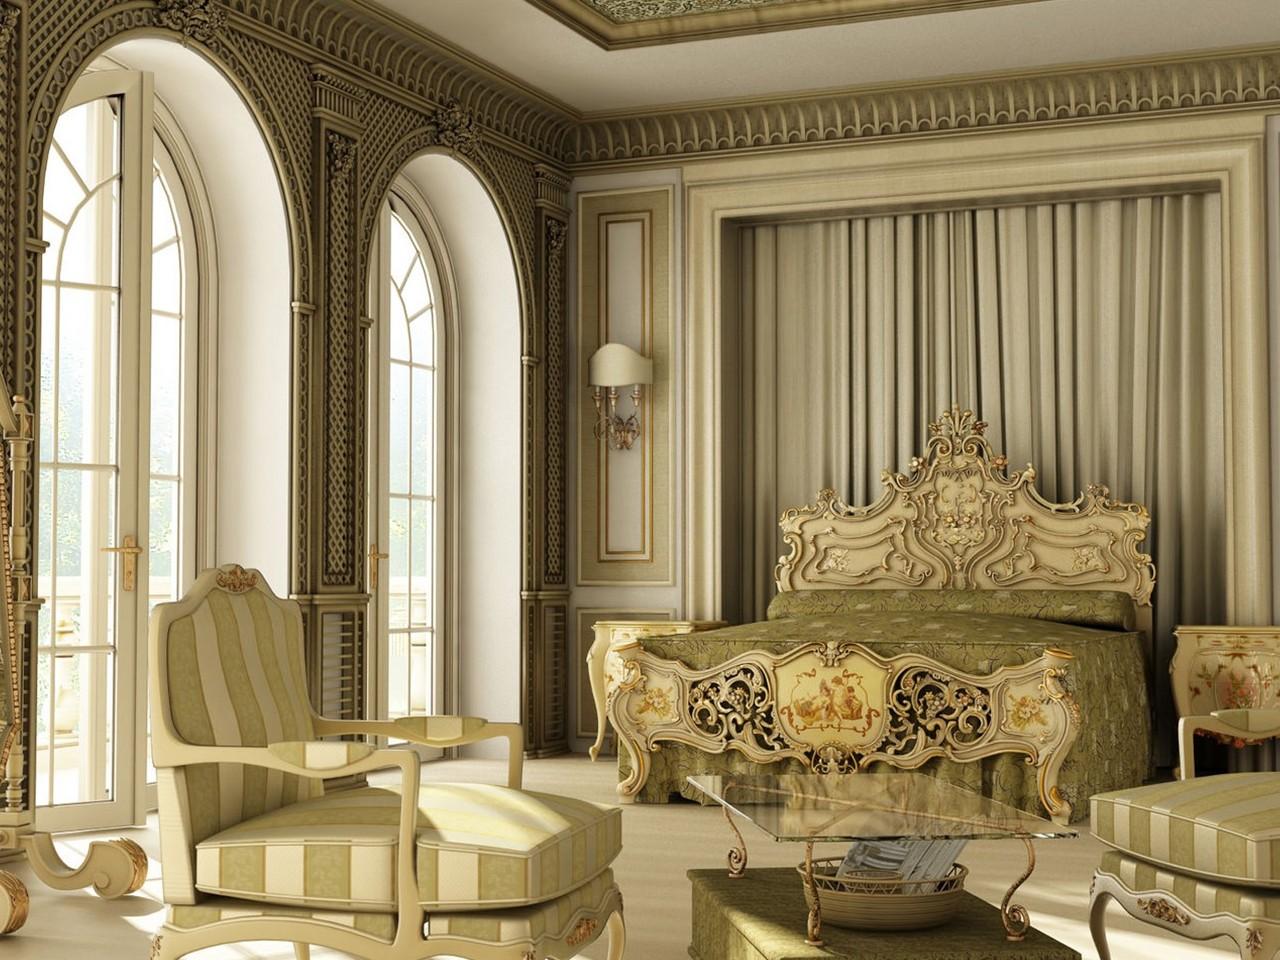 мебель из драгоценных пород древесины